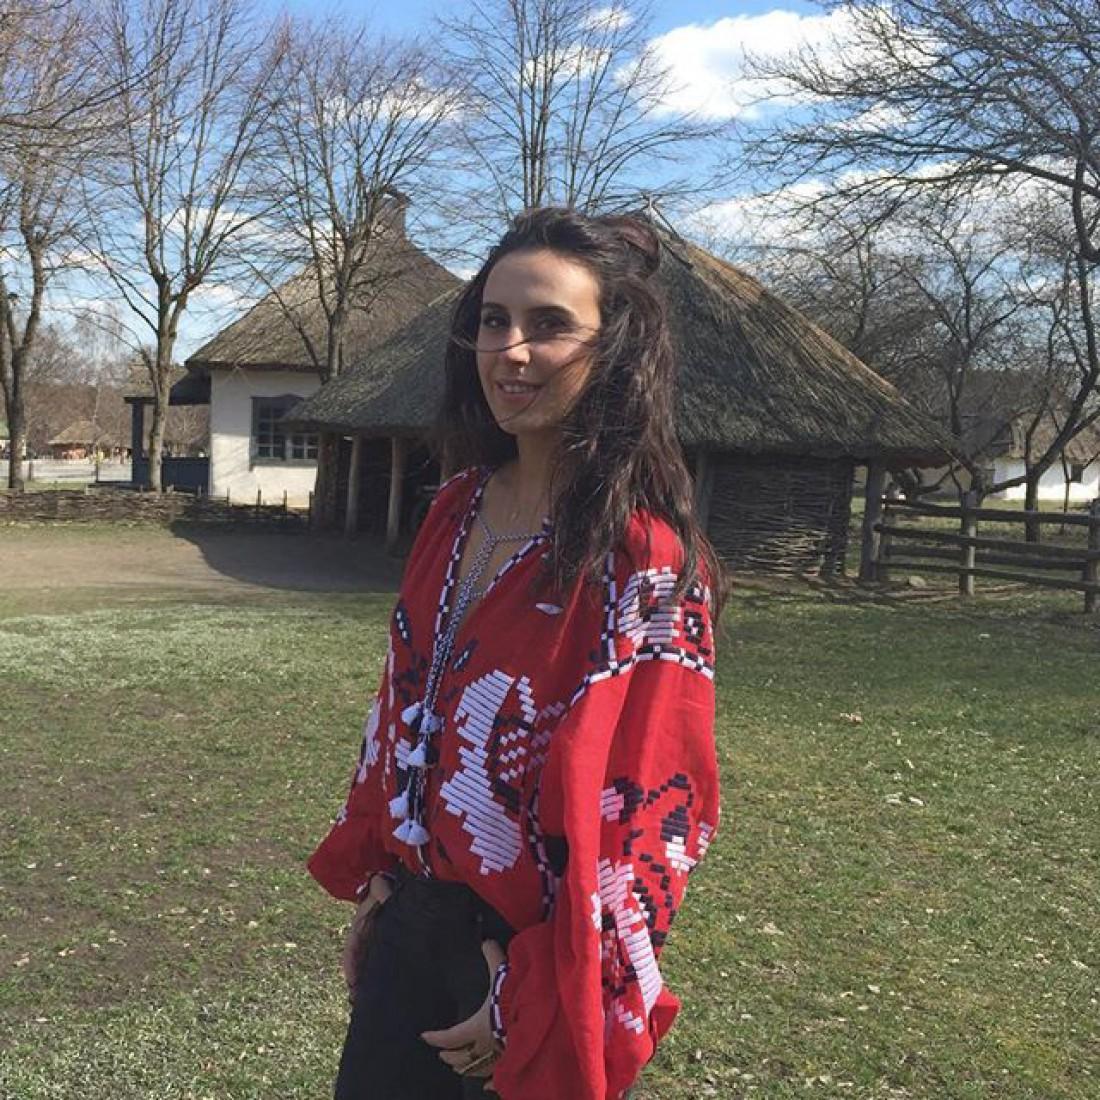 Победитель Евровидения 2016 Украина: биография Джамалы